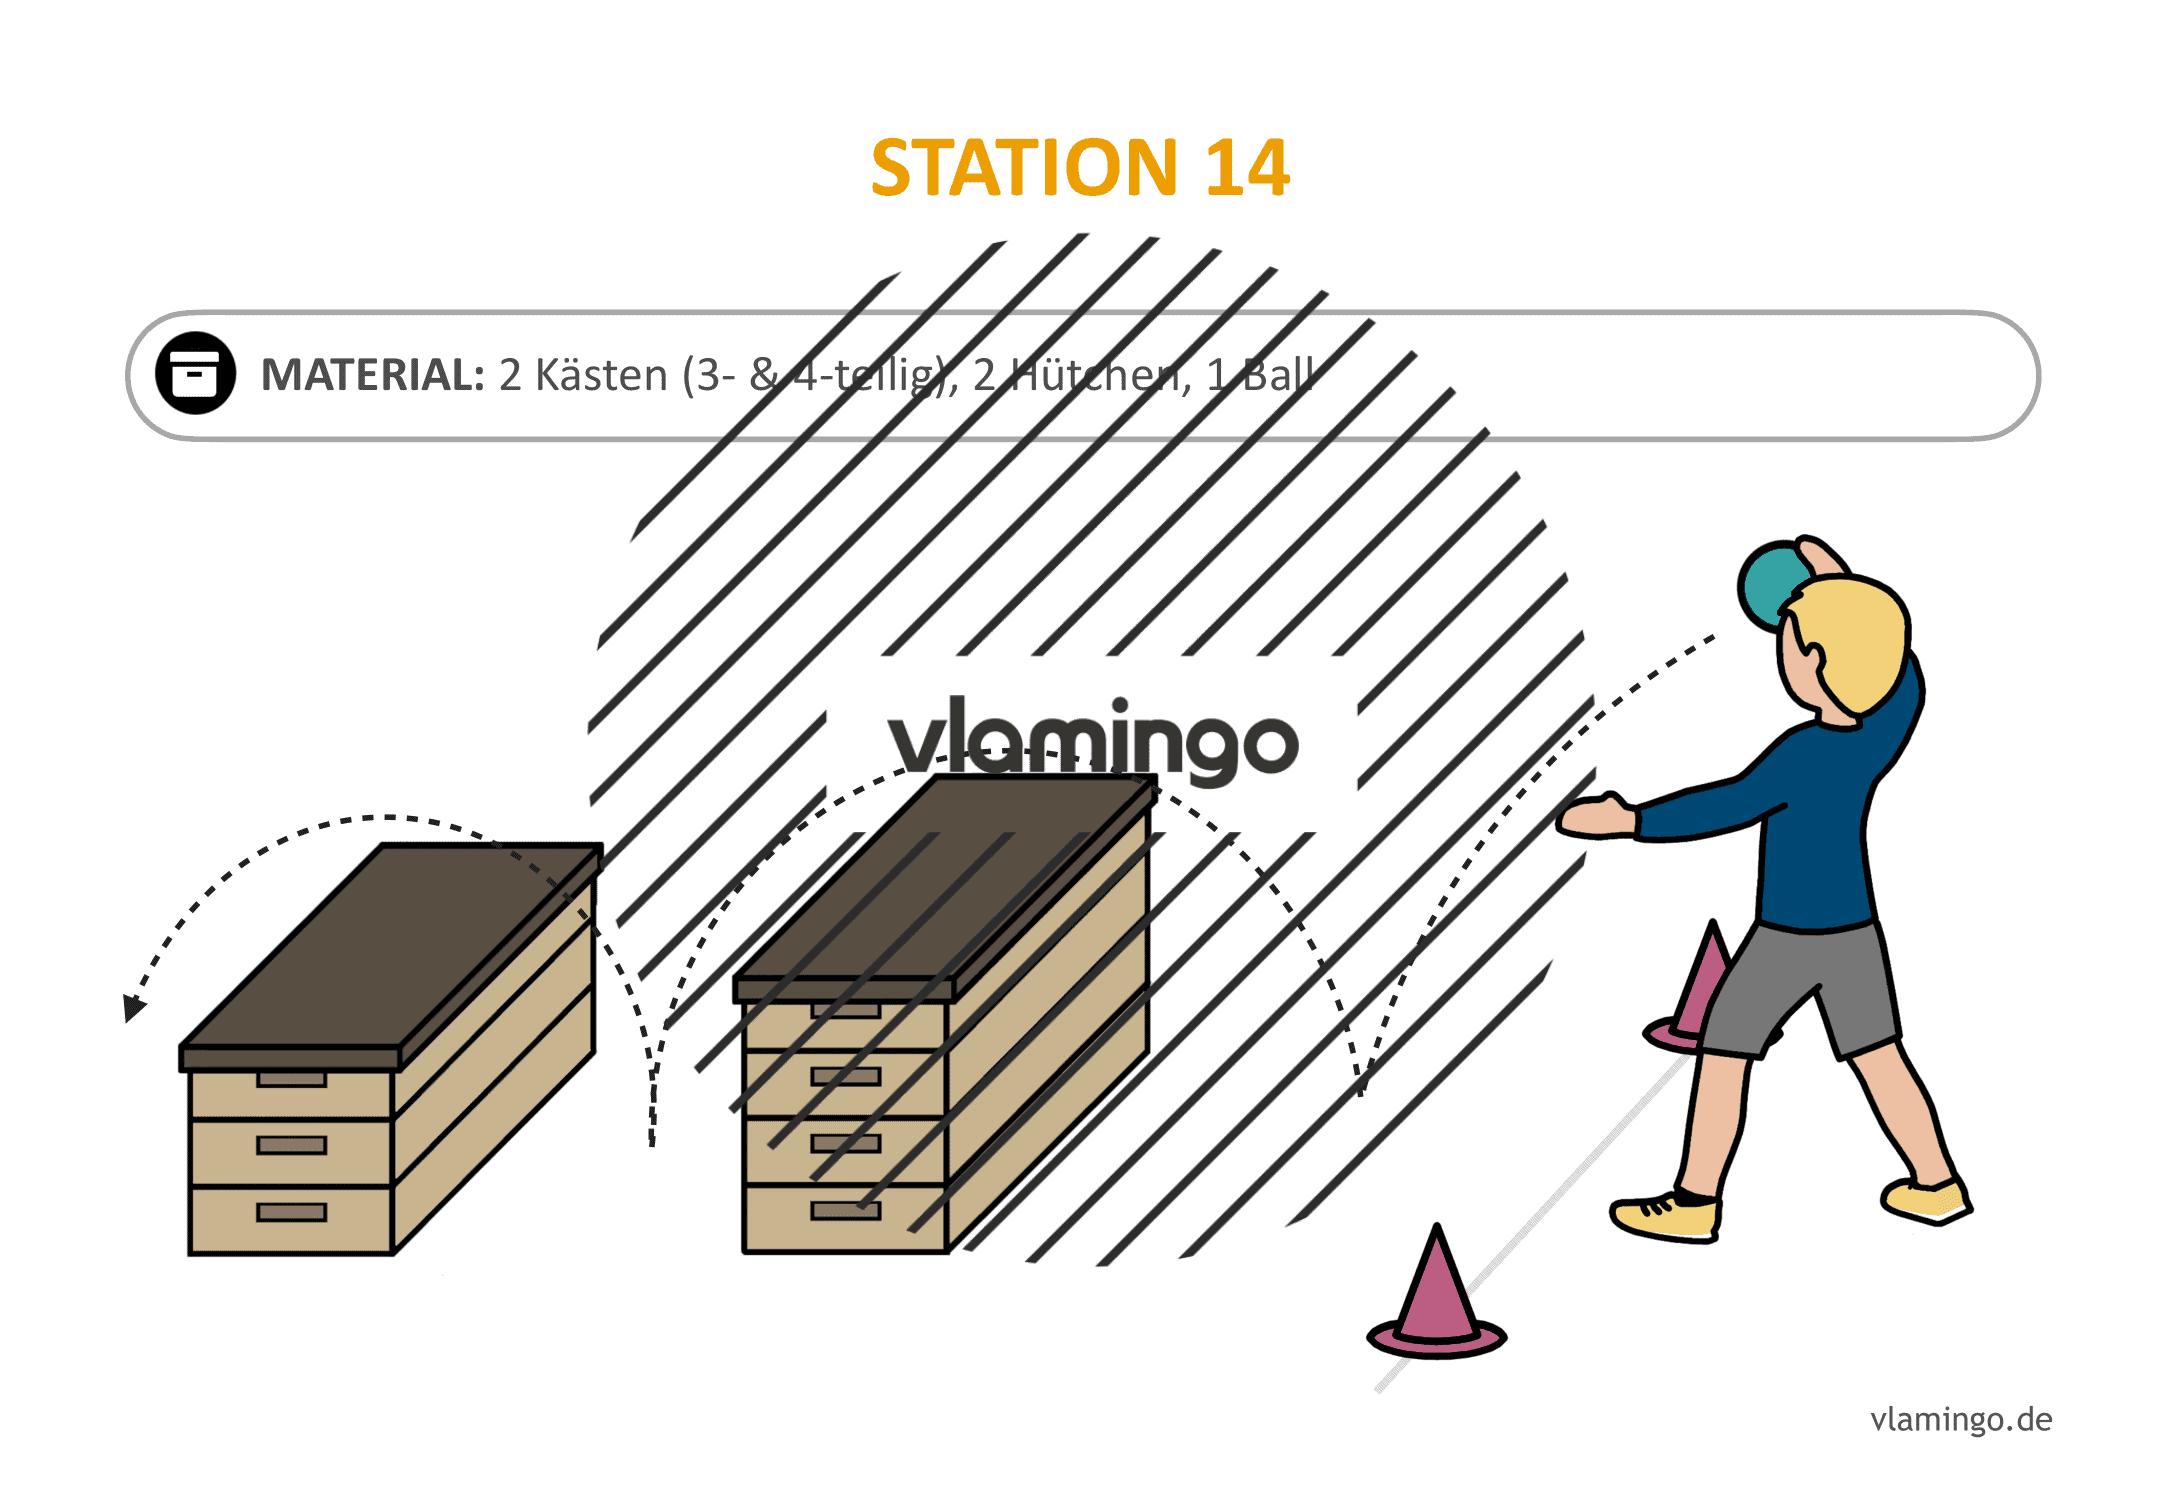 Handballgolf - Station-14